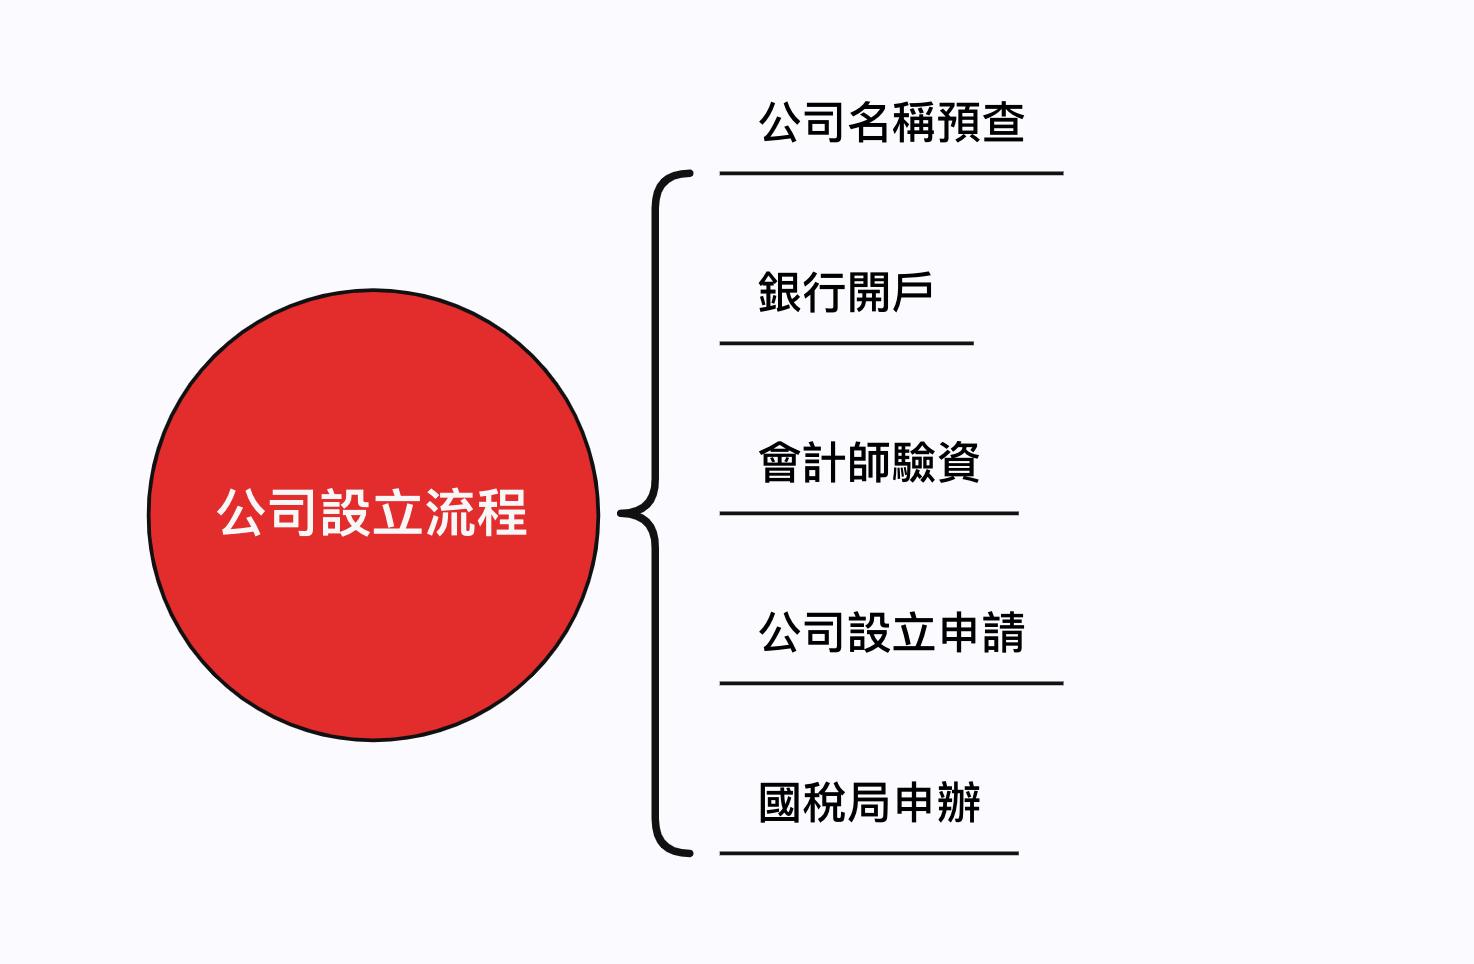 公司設立流程圖